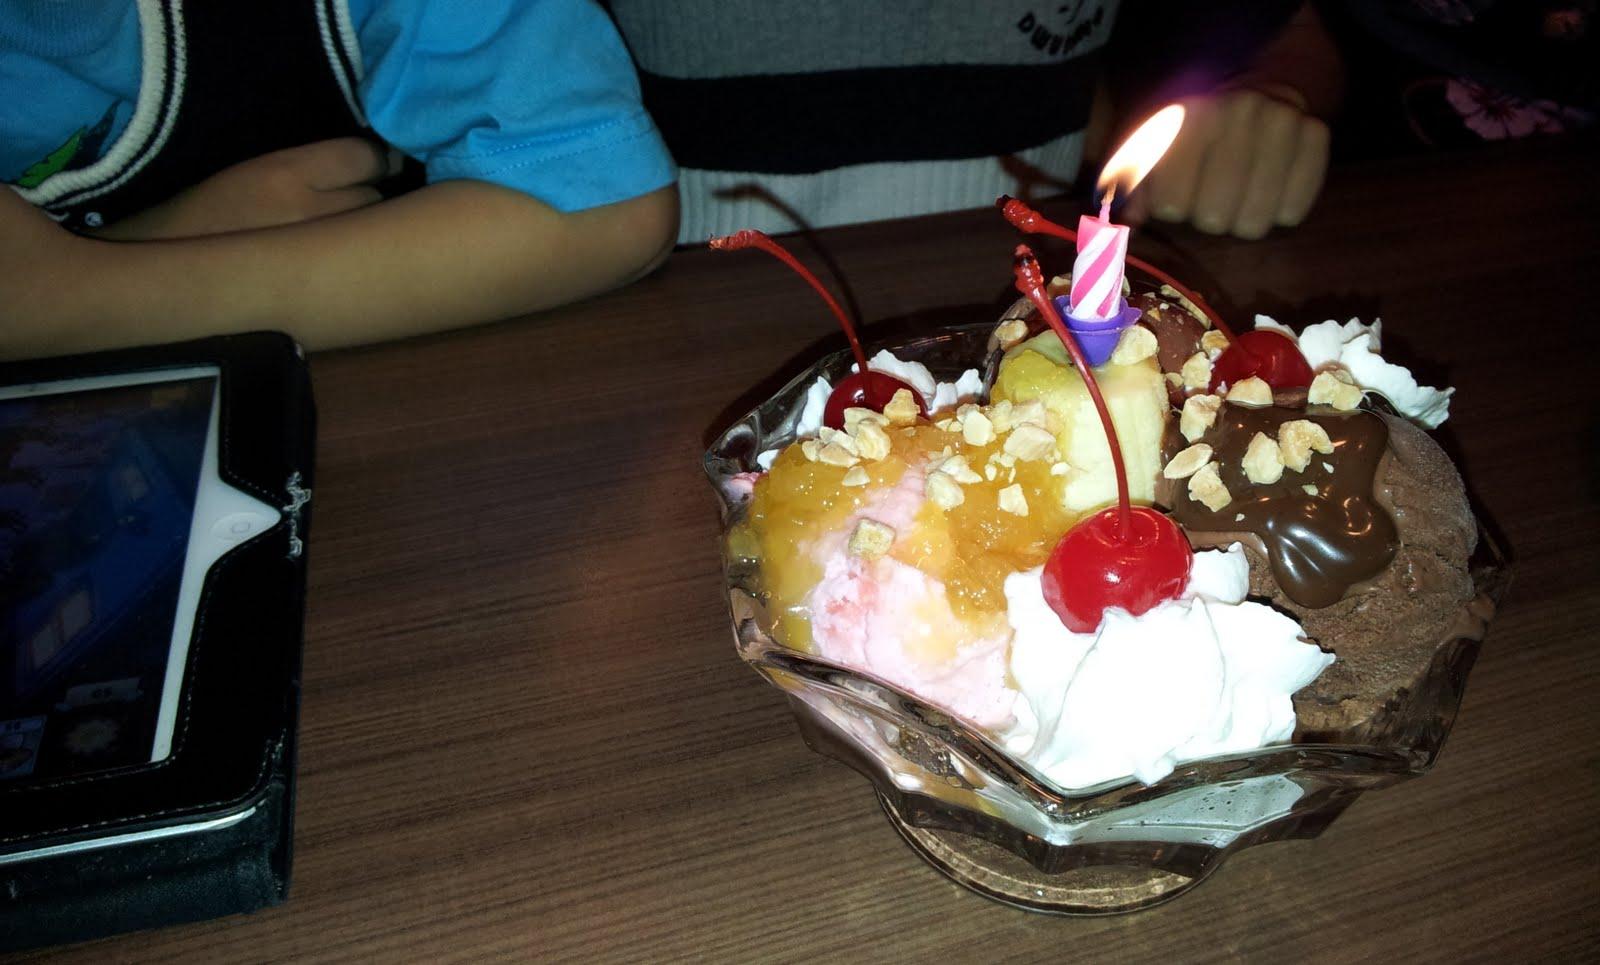 Solojogger Isaac Birthday Makan At Nex Swensen